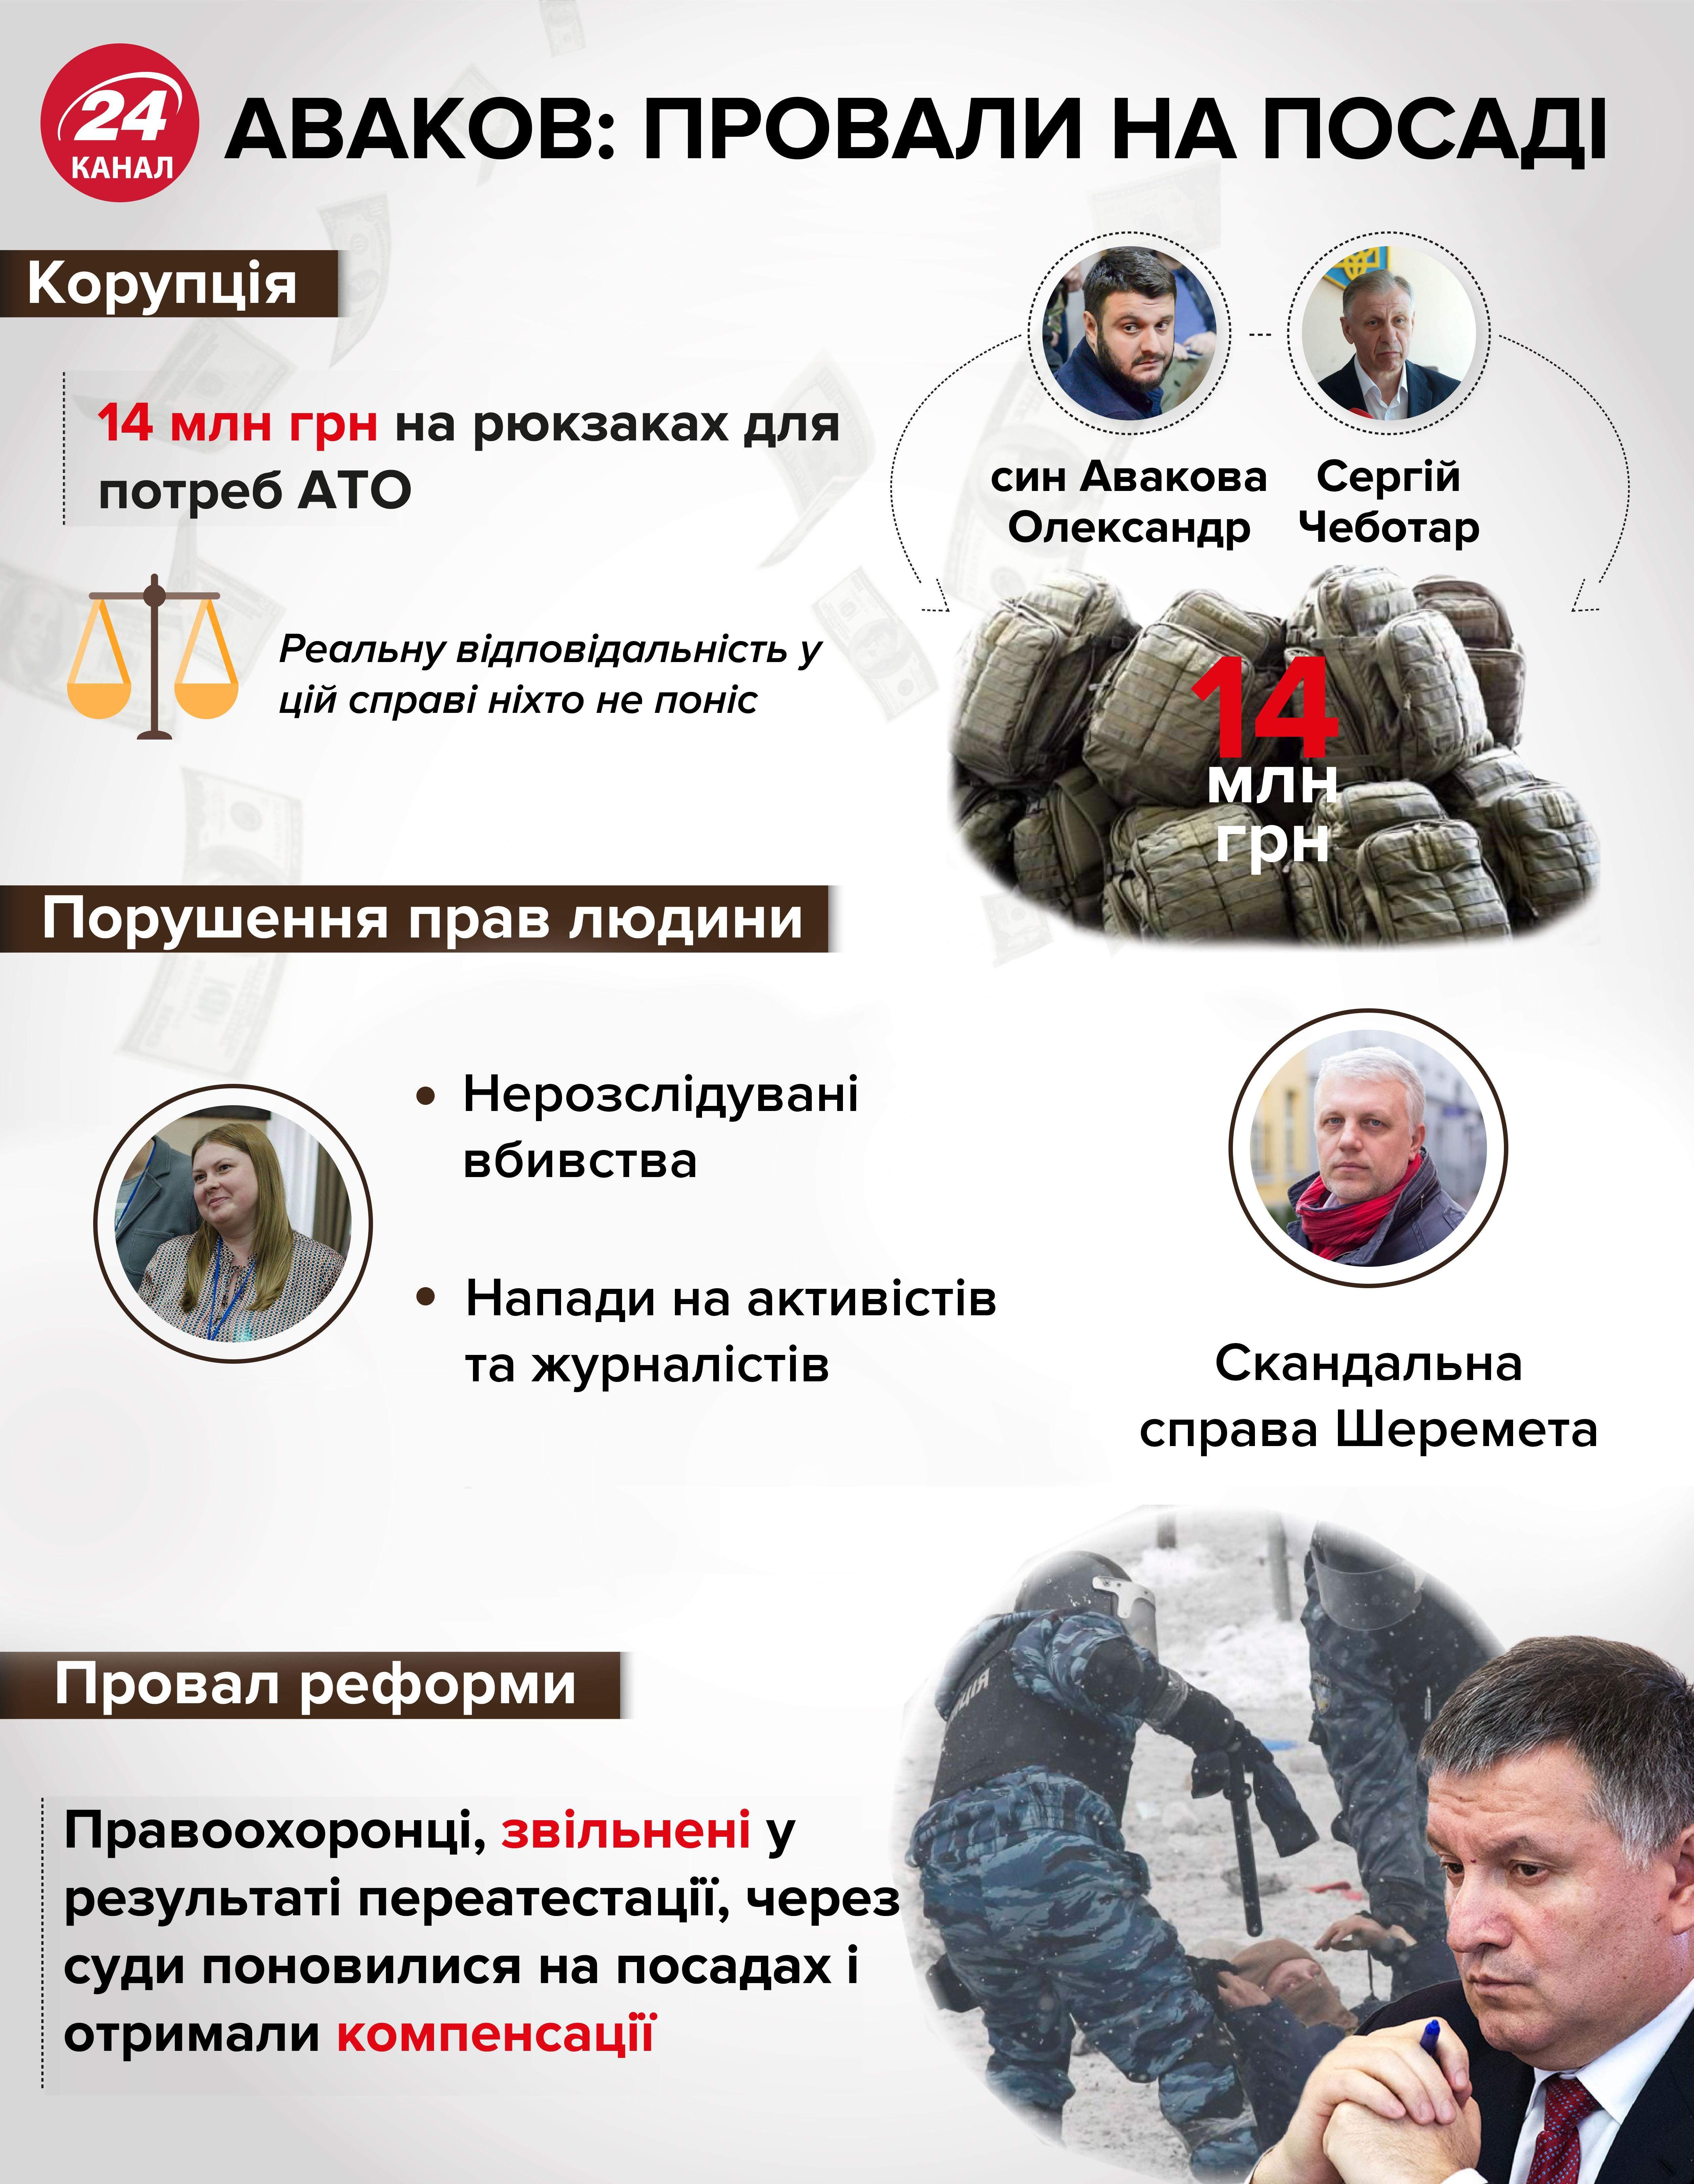 Аваков, МВС, чим запам'ятався Аваков у Міністерстві внутрішніх справ, скандали Авакова